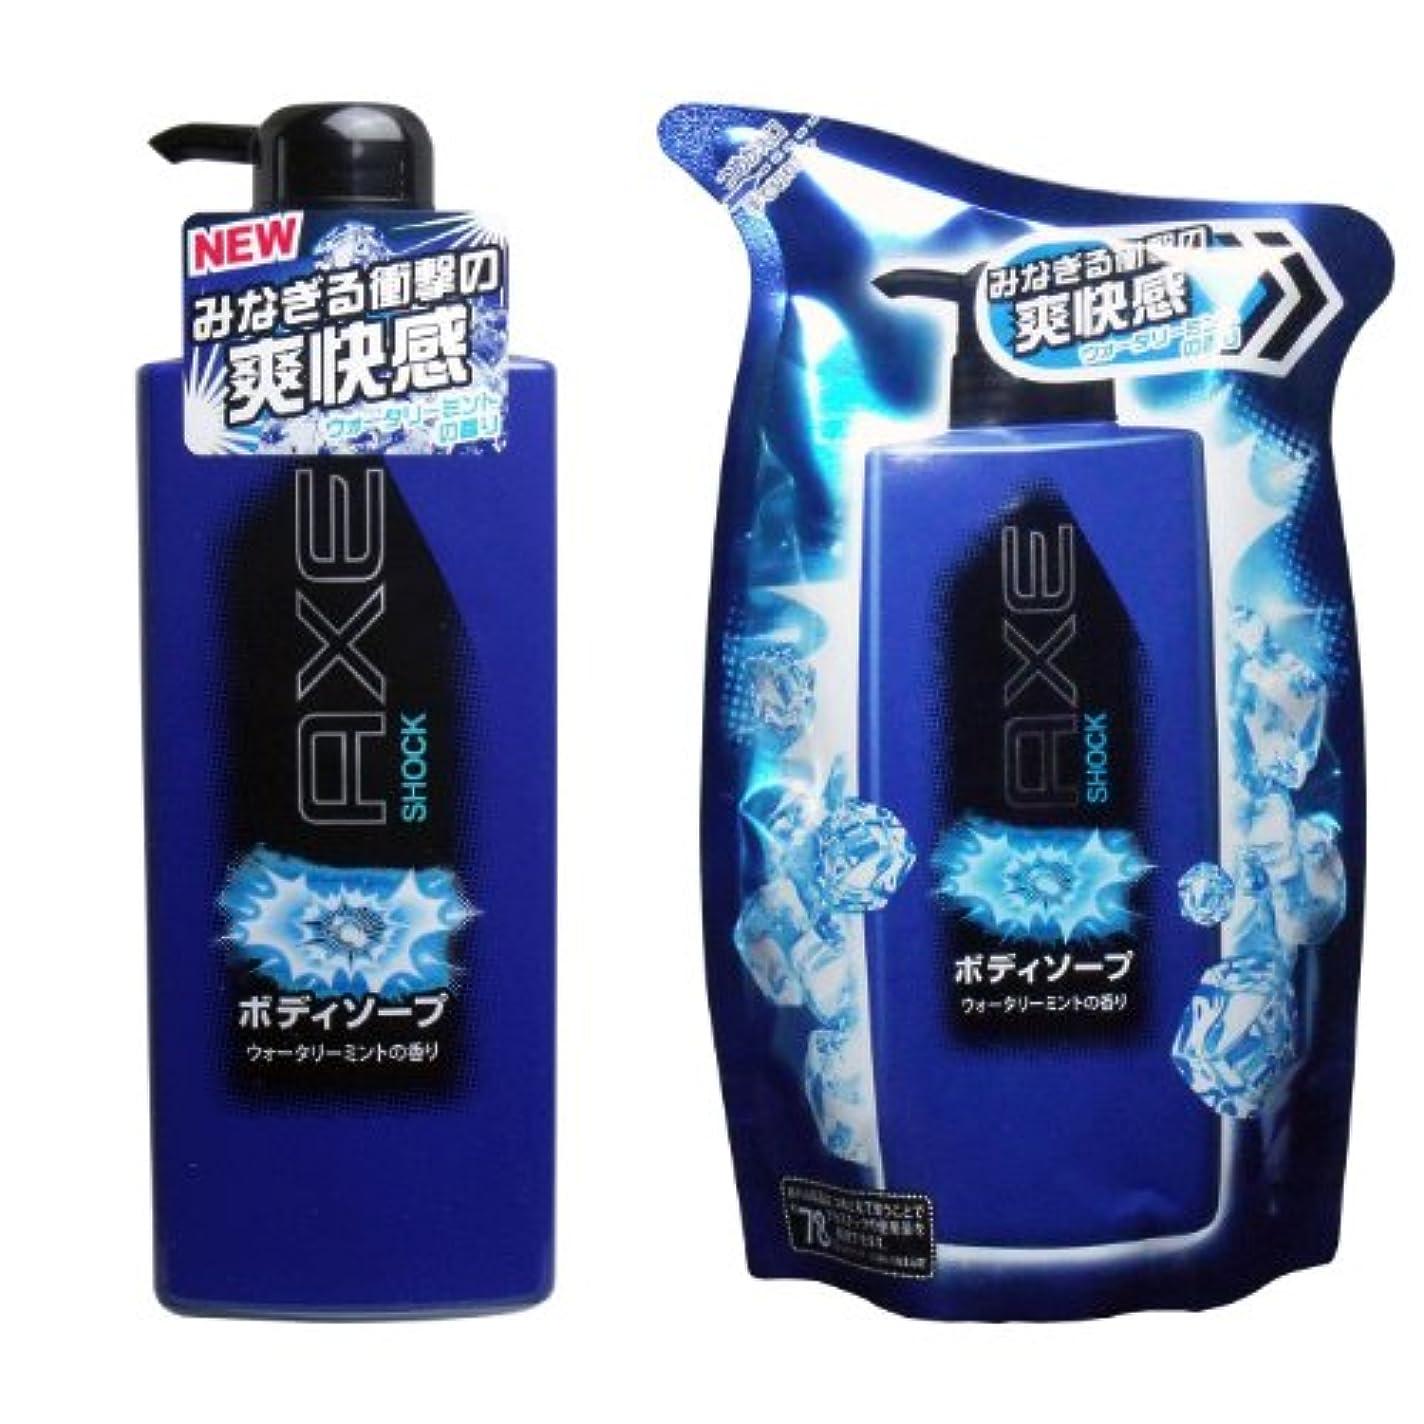 ペナルティ勇敢な収縮AXE(アックス) ボディソープに詰め替え用付きの2点セット (ショック ウォータリーミントの香り)